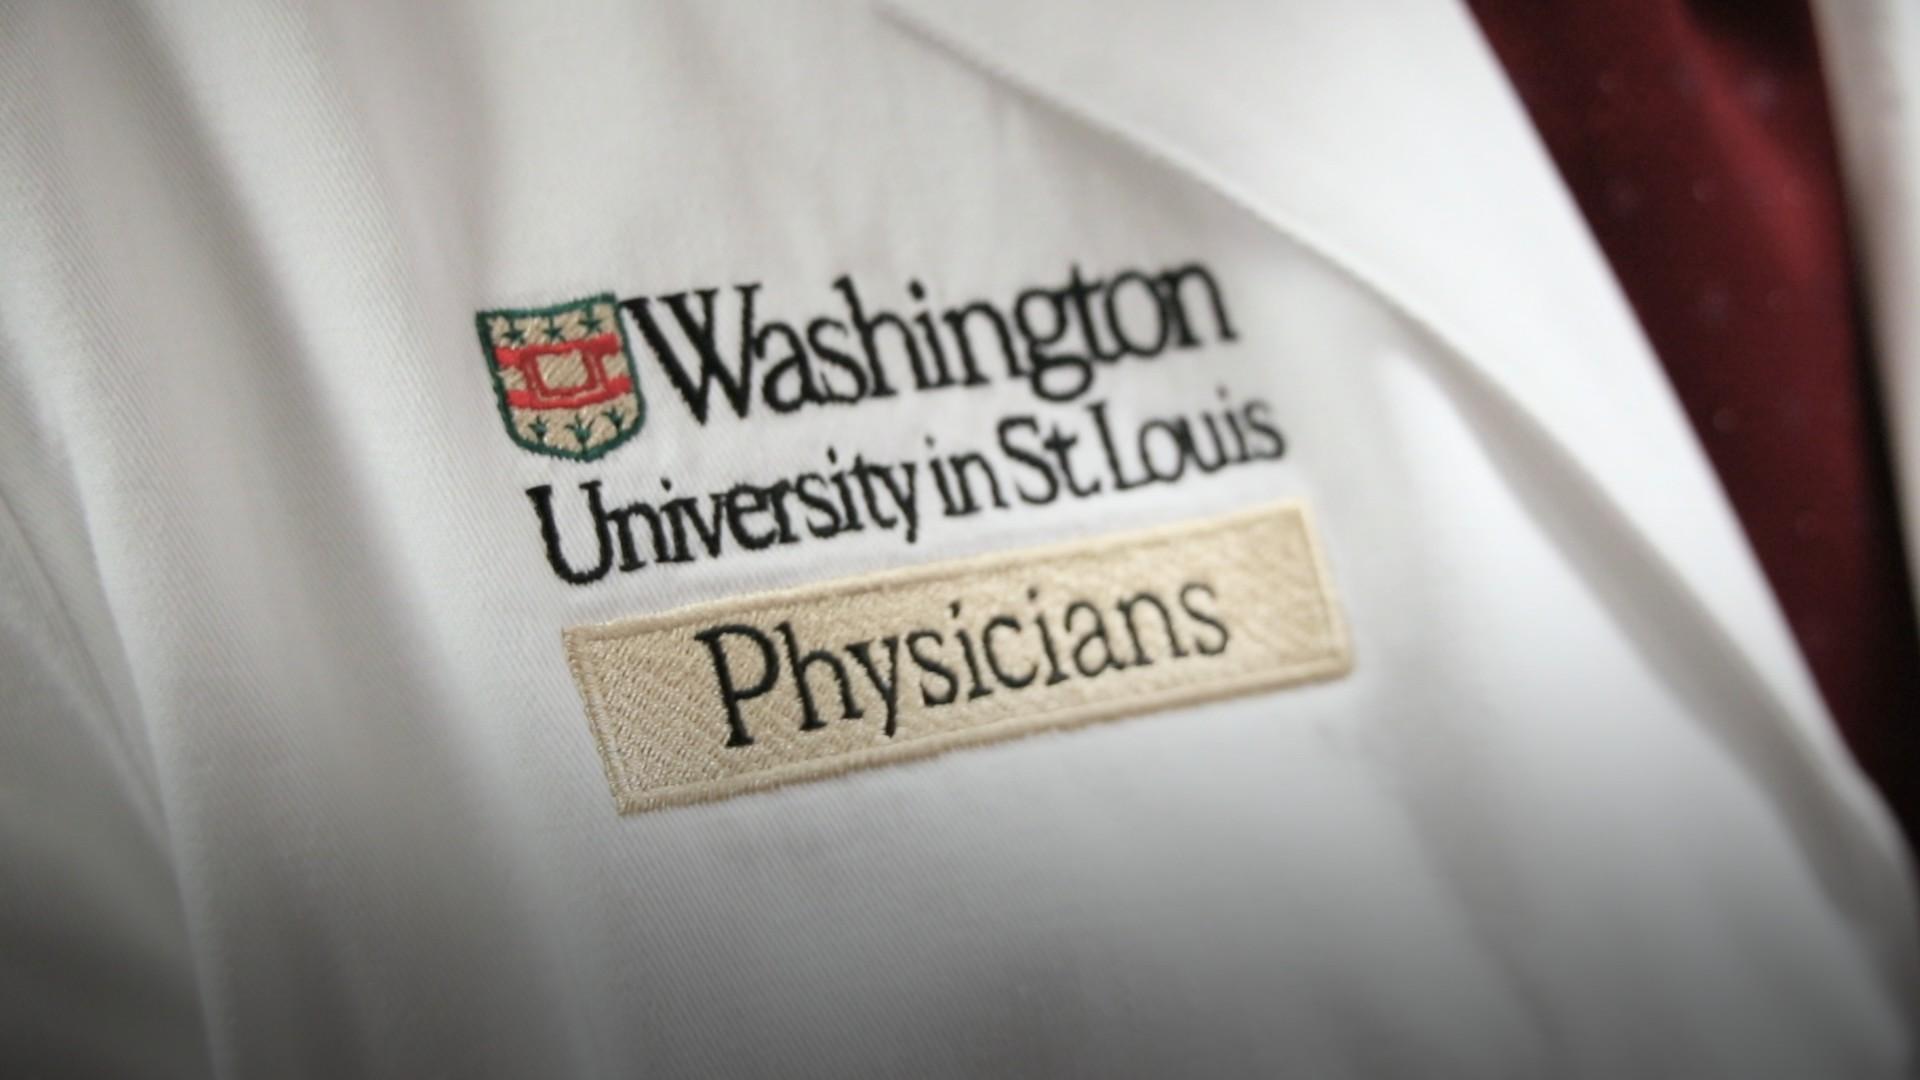 Washington University Orthopedics | LinkedIn